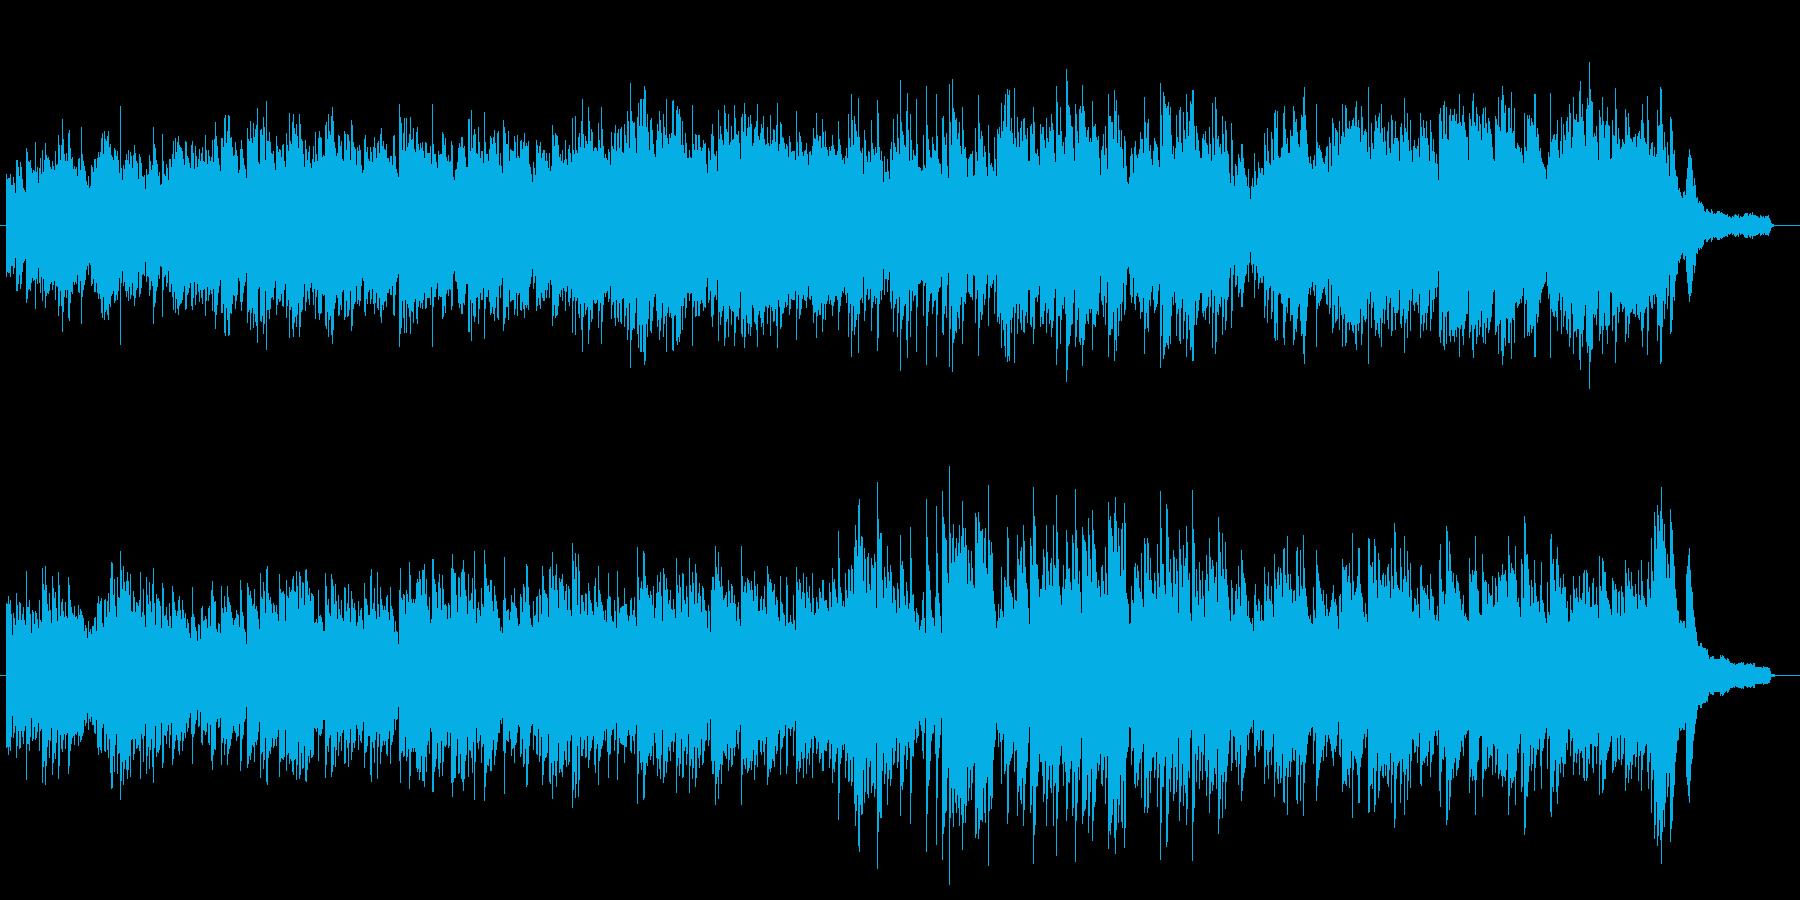 欧米でよく使われてるシネマティックピアノの再生済みの波形